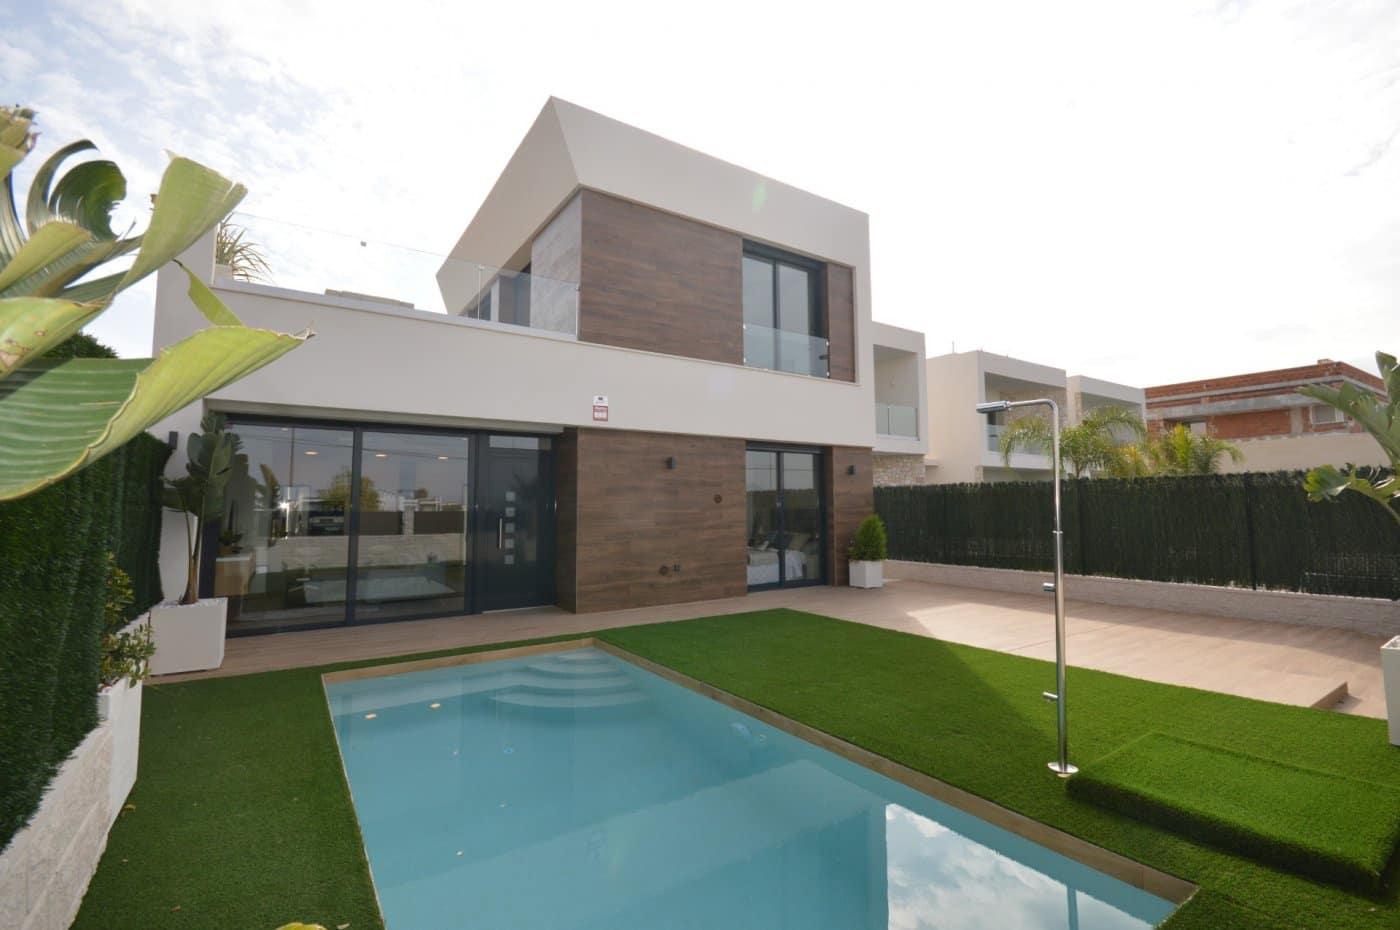 Chalet de 3 habitaciones en Benijófar en venta con piscina - 274.900 € (Ref: 4377492)